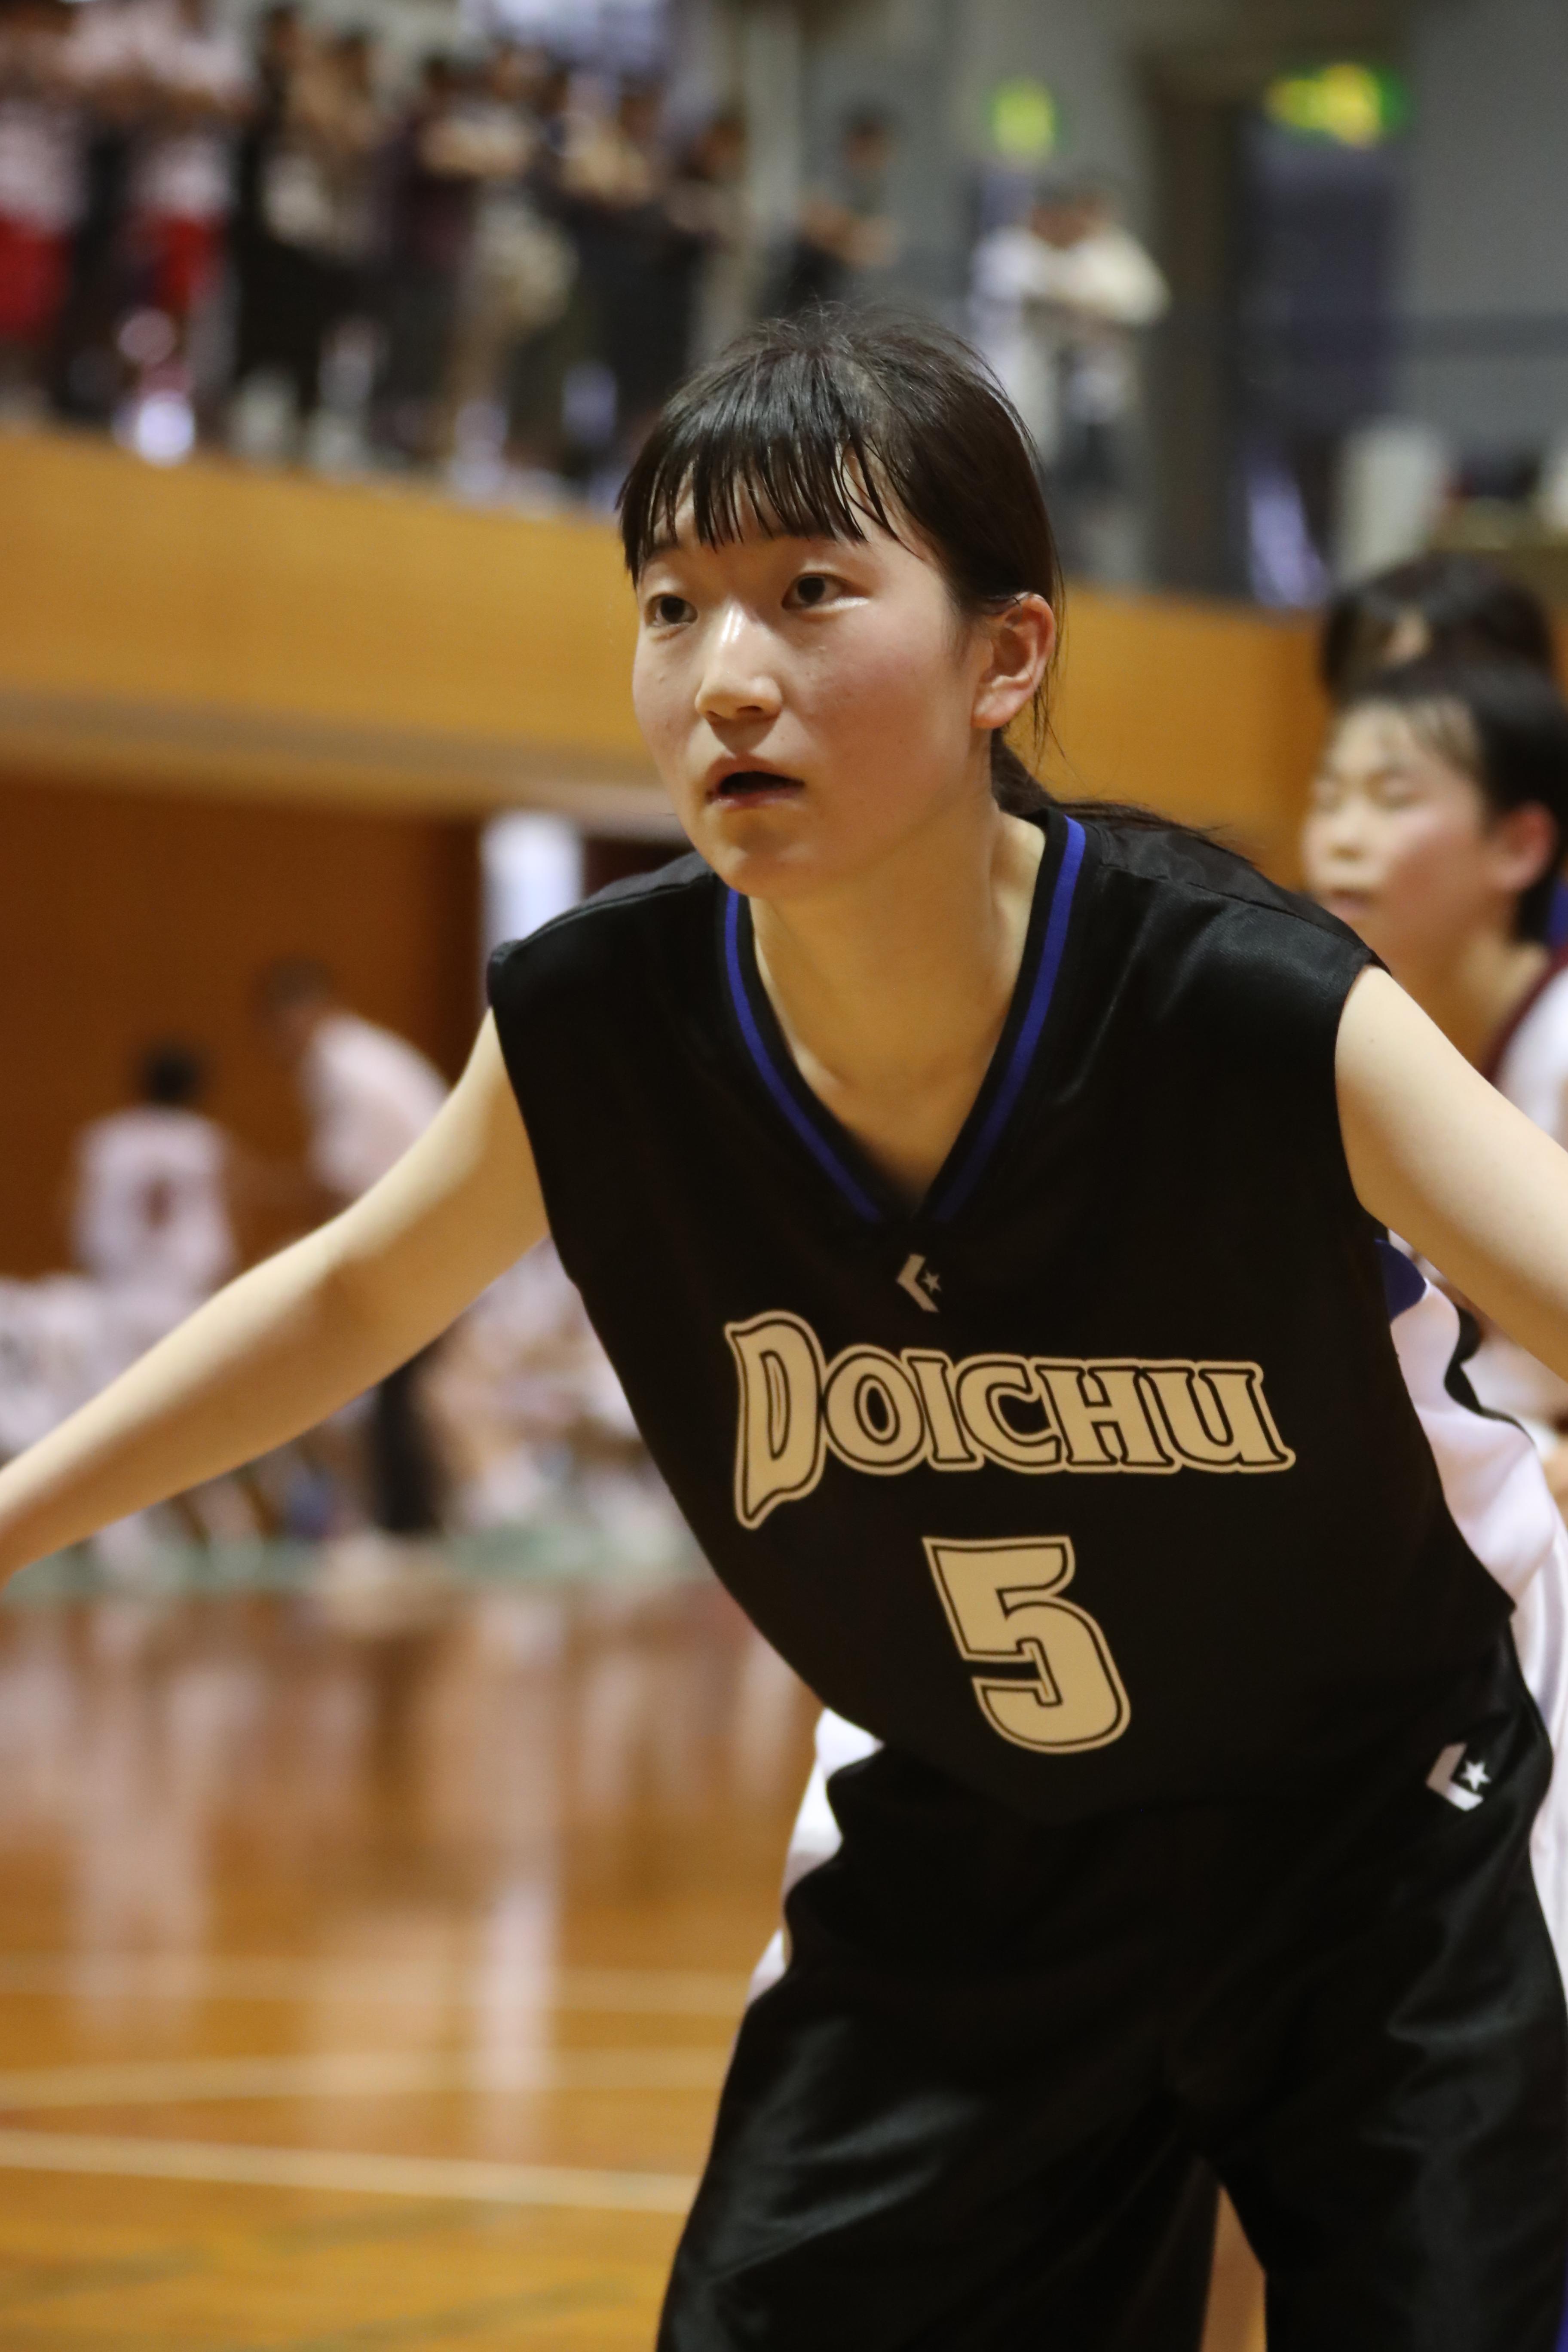 バスケット (154)